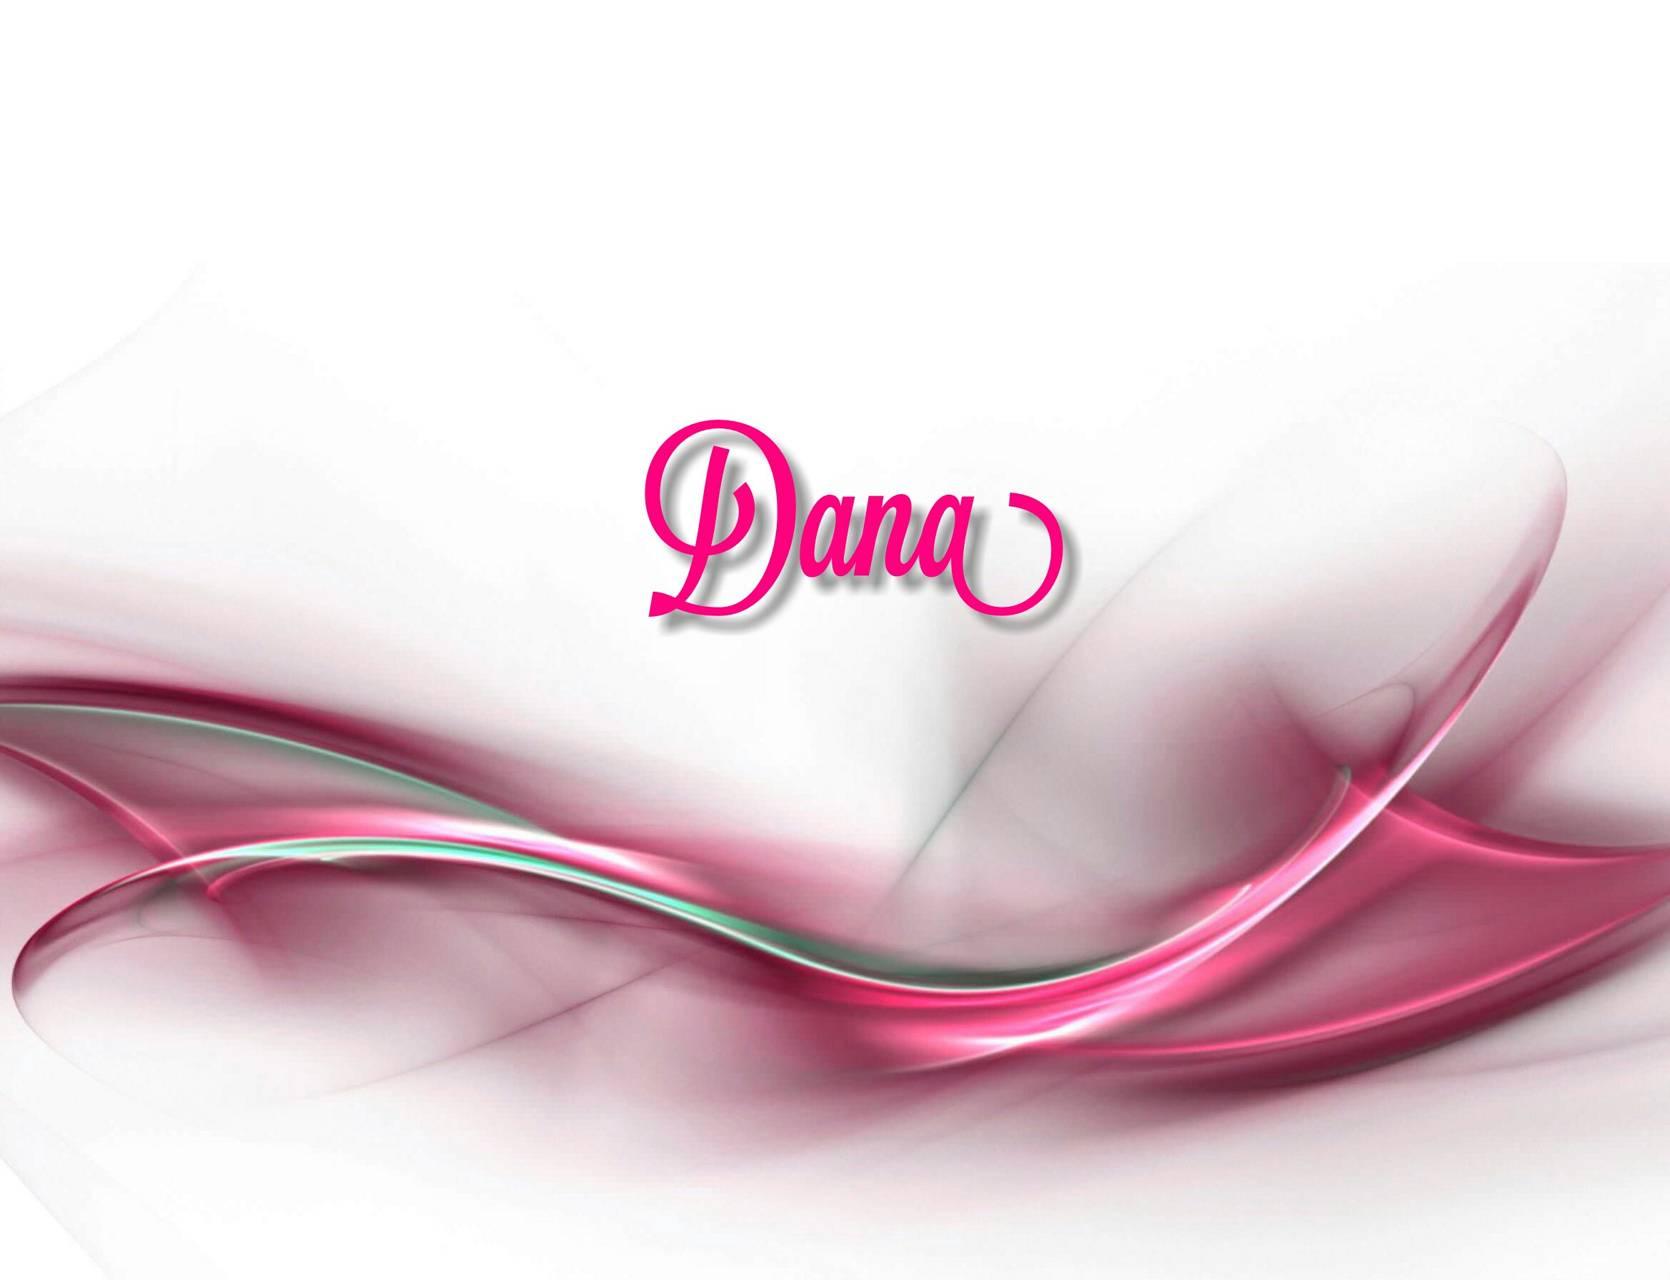 Dana name